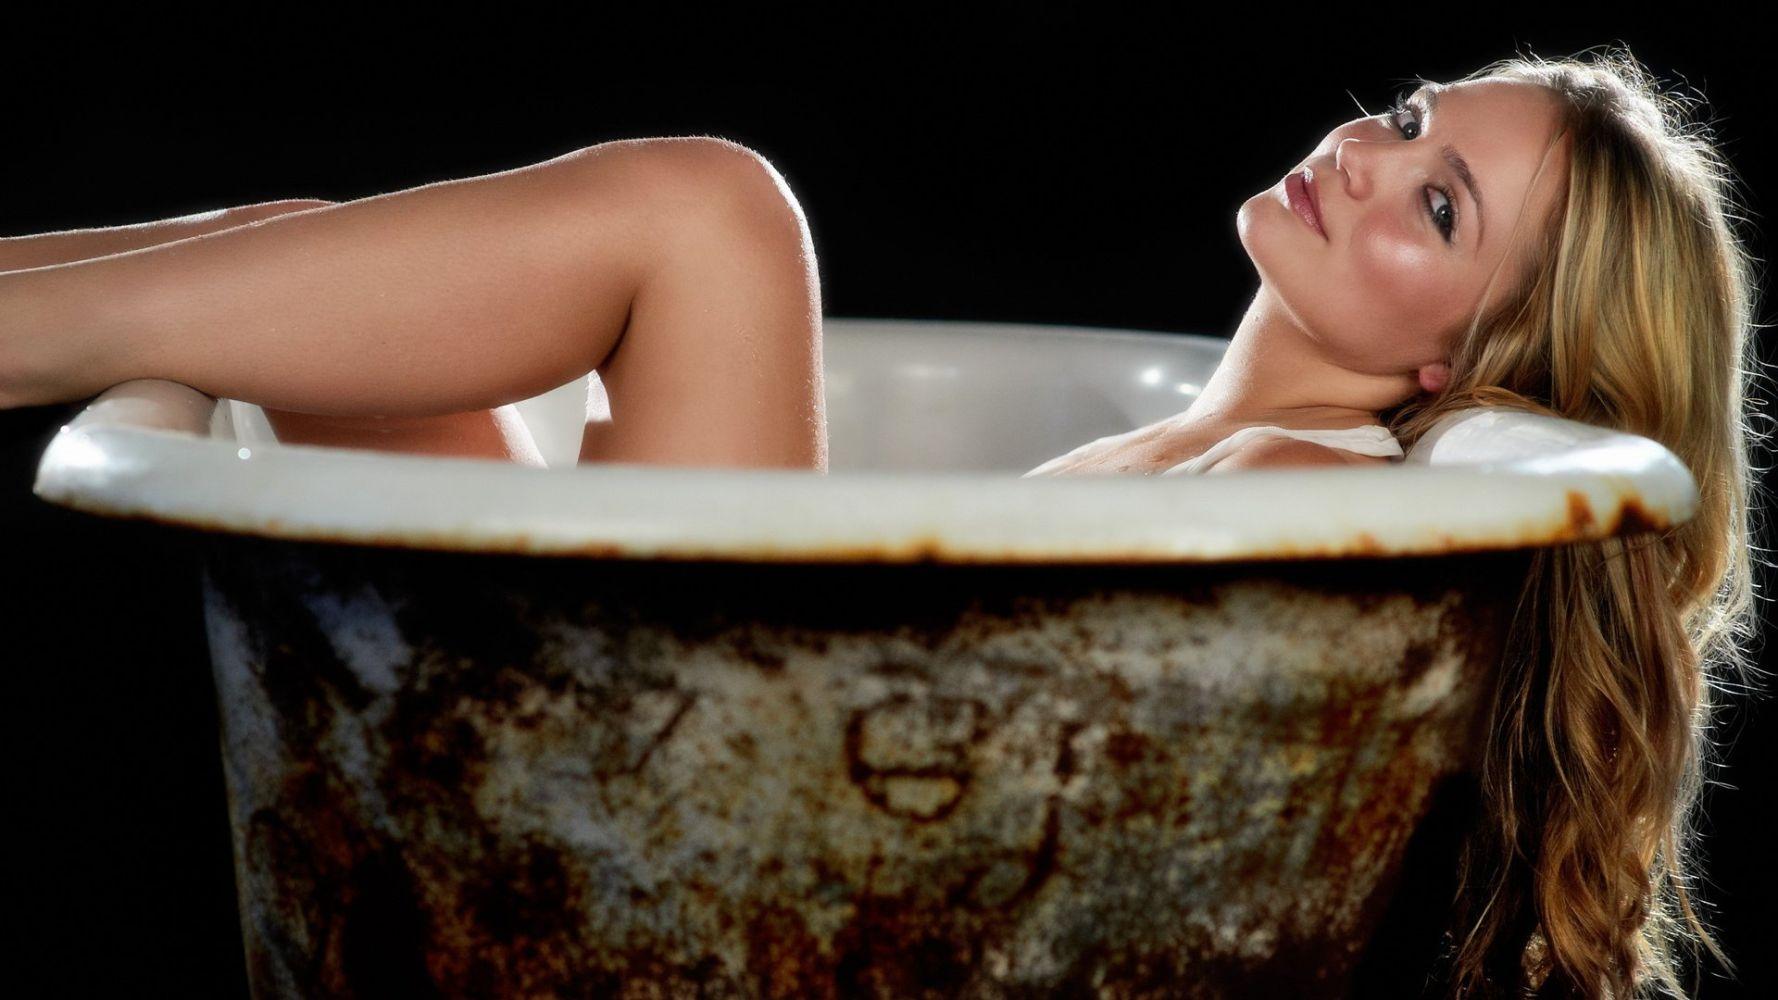 супер женщина в ванной - 6